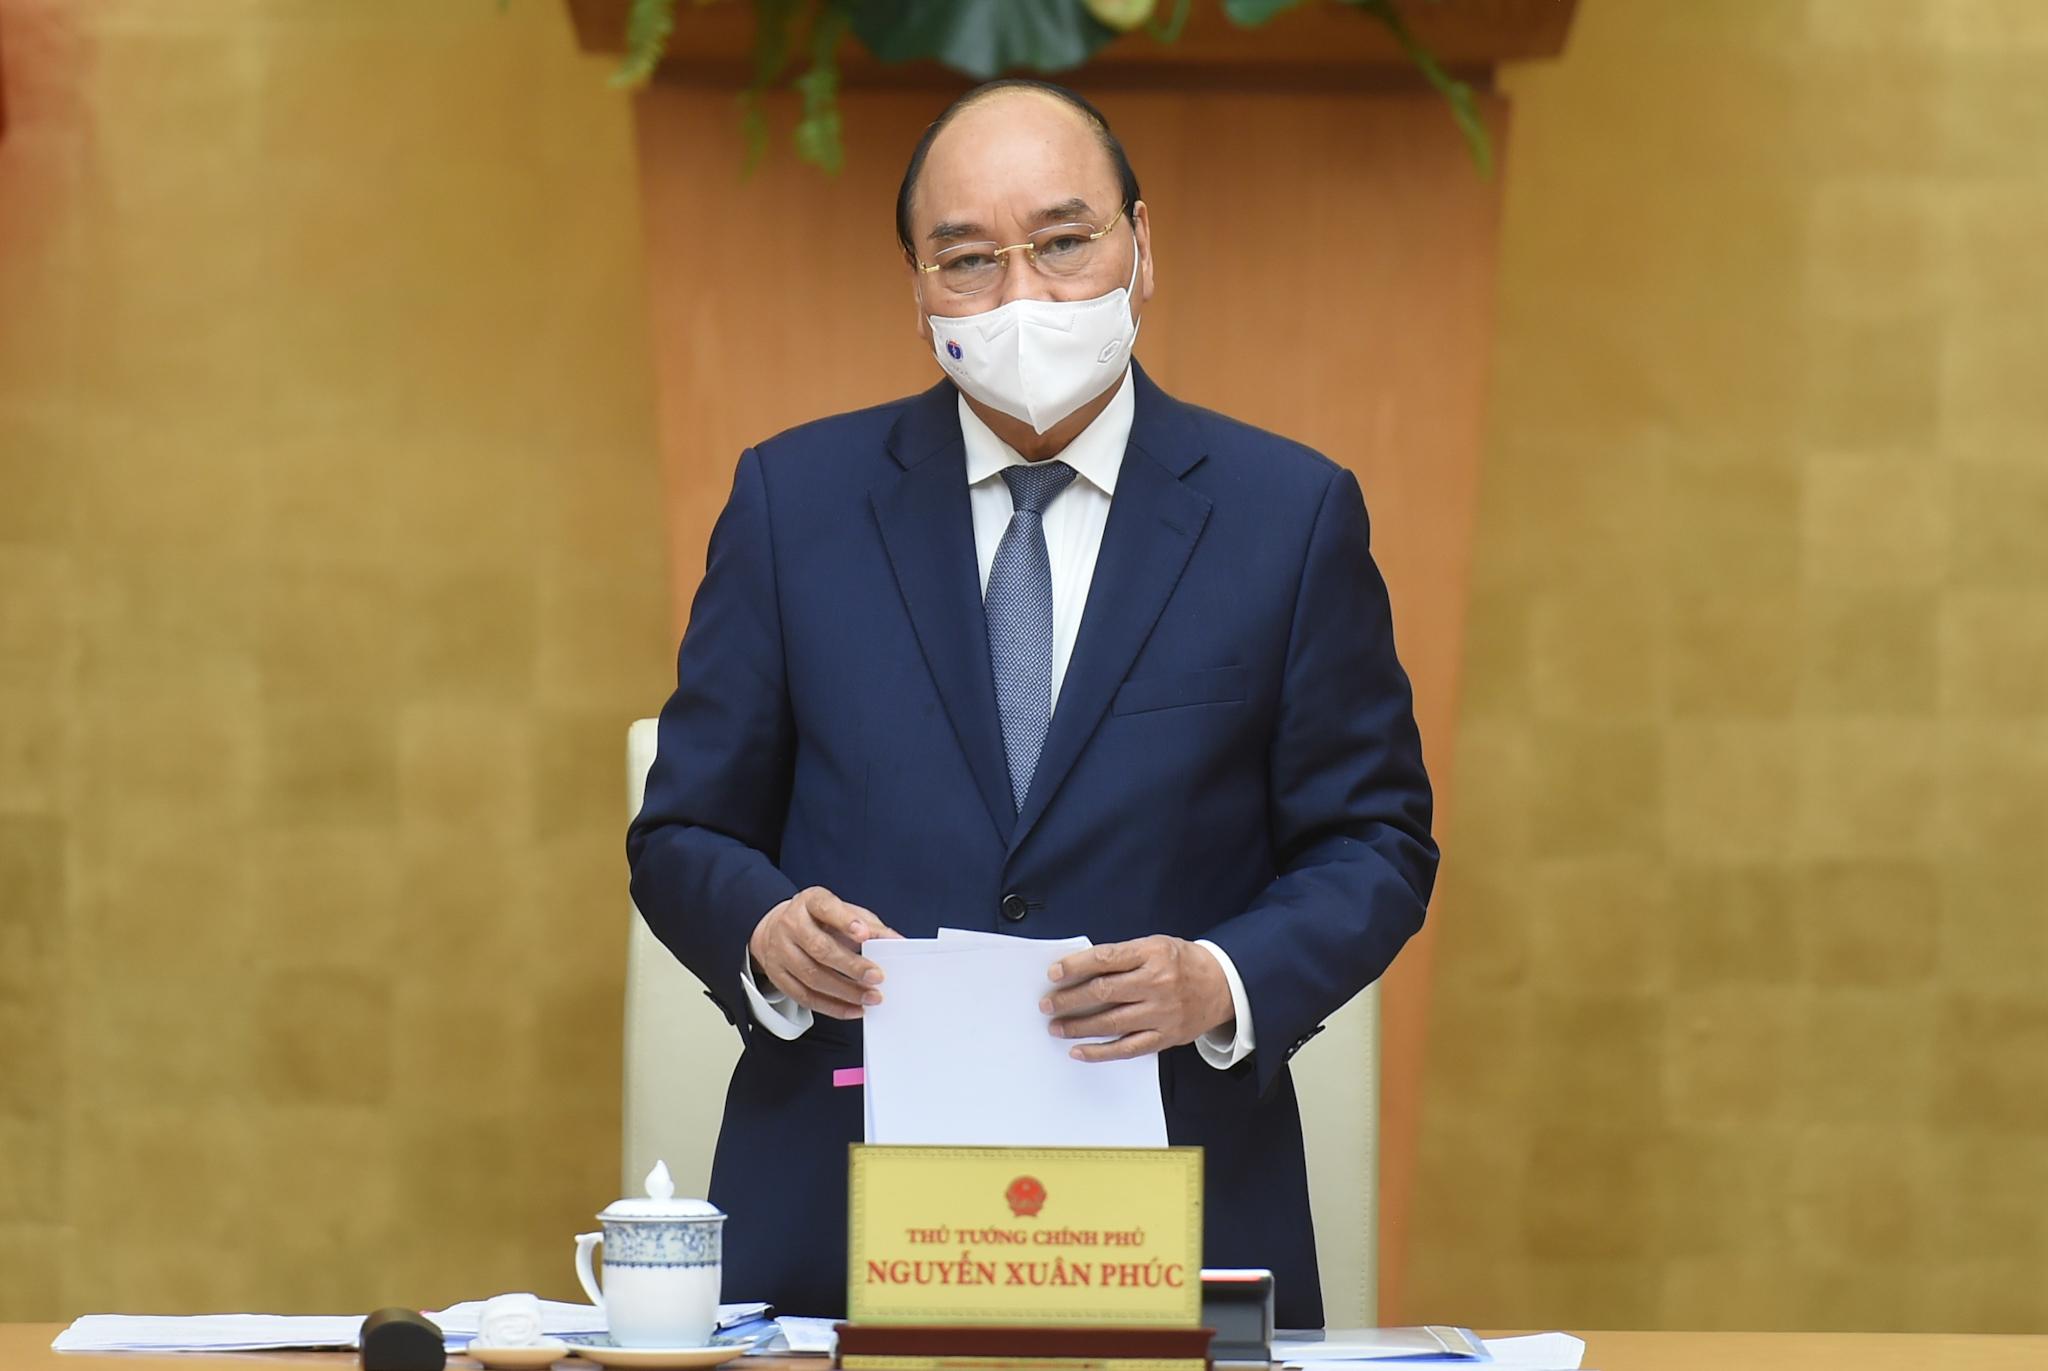 Thủ tướng Nguyễn Xuân Phúc kết luận cuộc họp